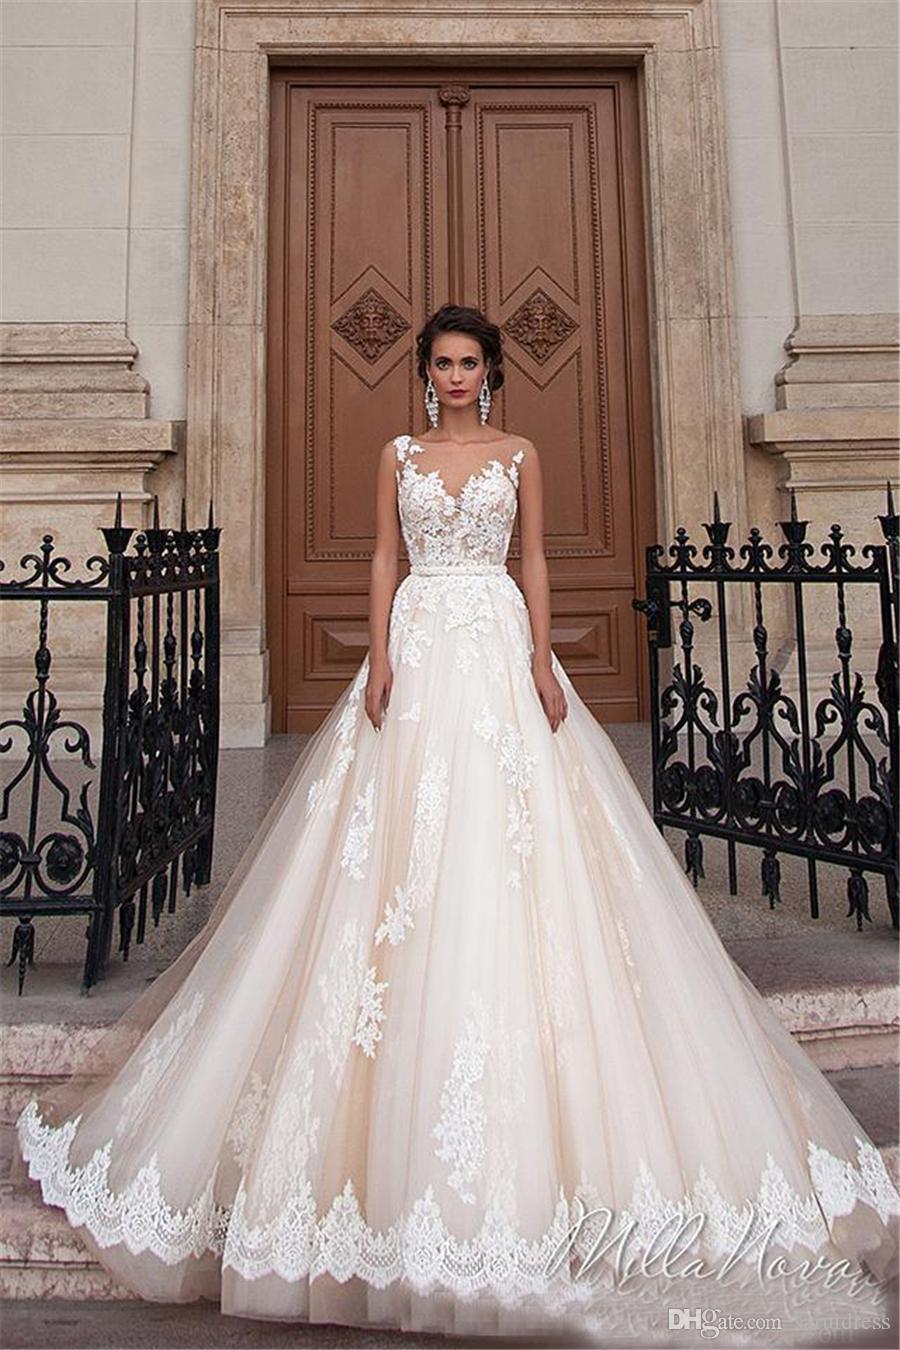 Illusione Scollo in pizzo Perle Sexy Back Modest Plus Size Abiti da sposa Vintage Mila Nova Champagne Principessa Abiti da sposa